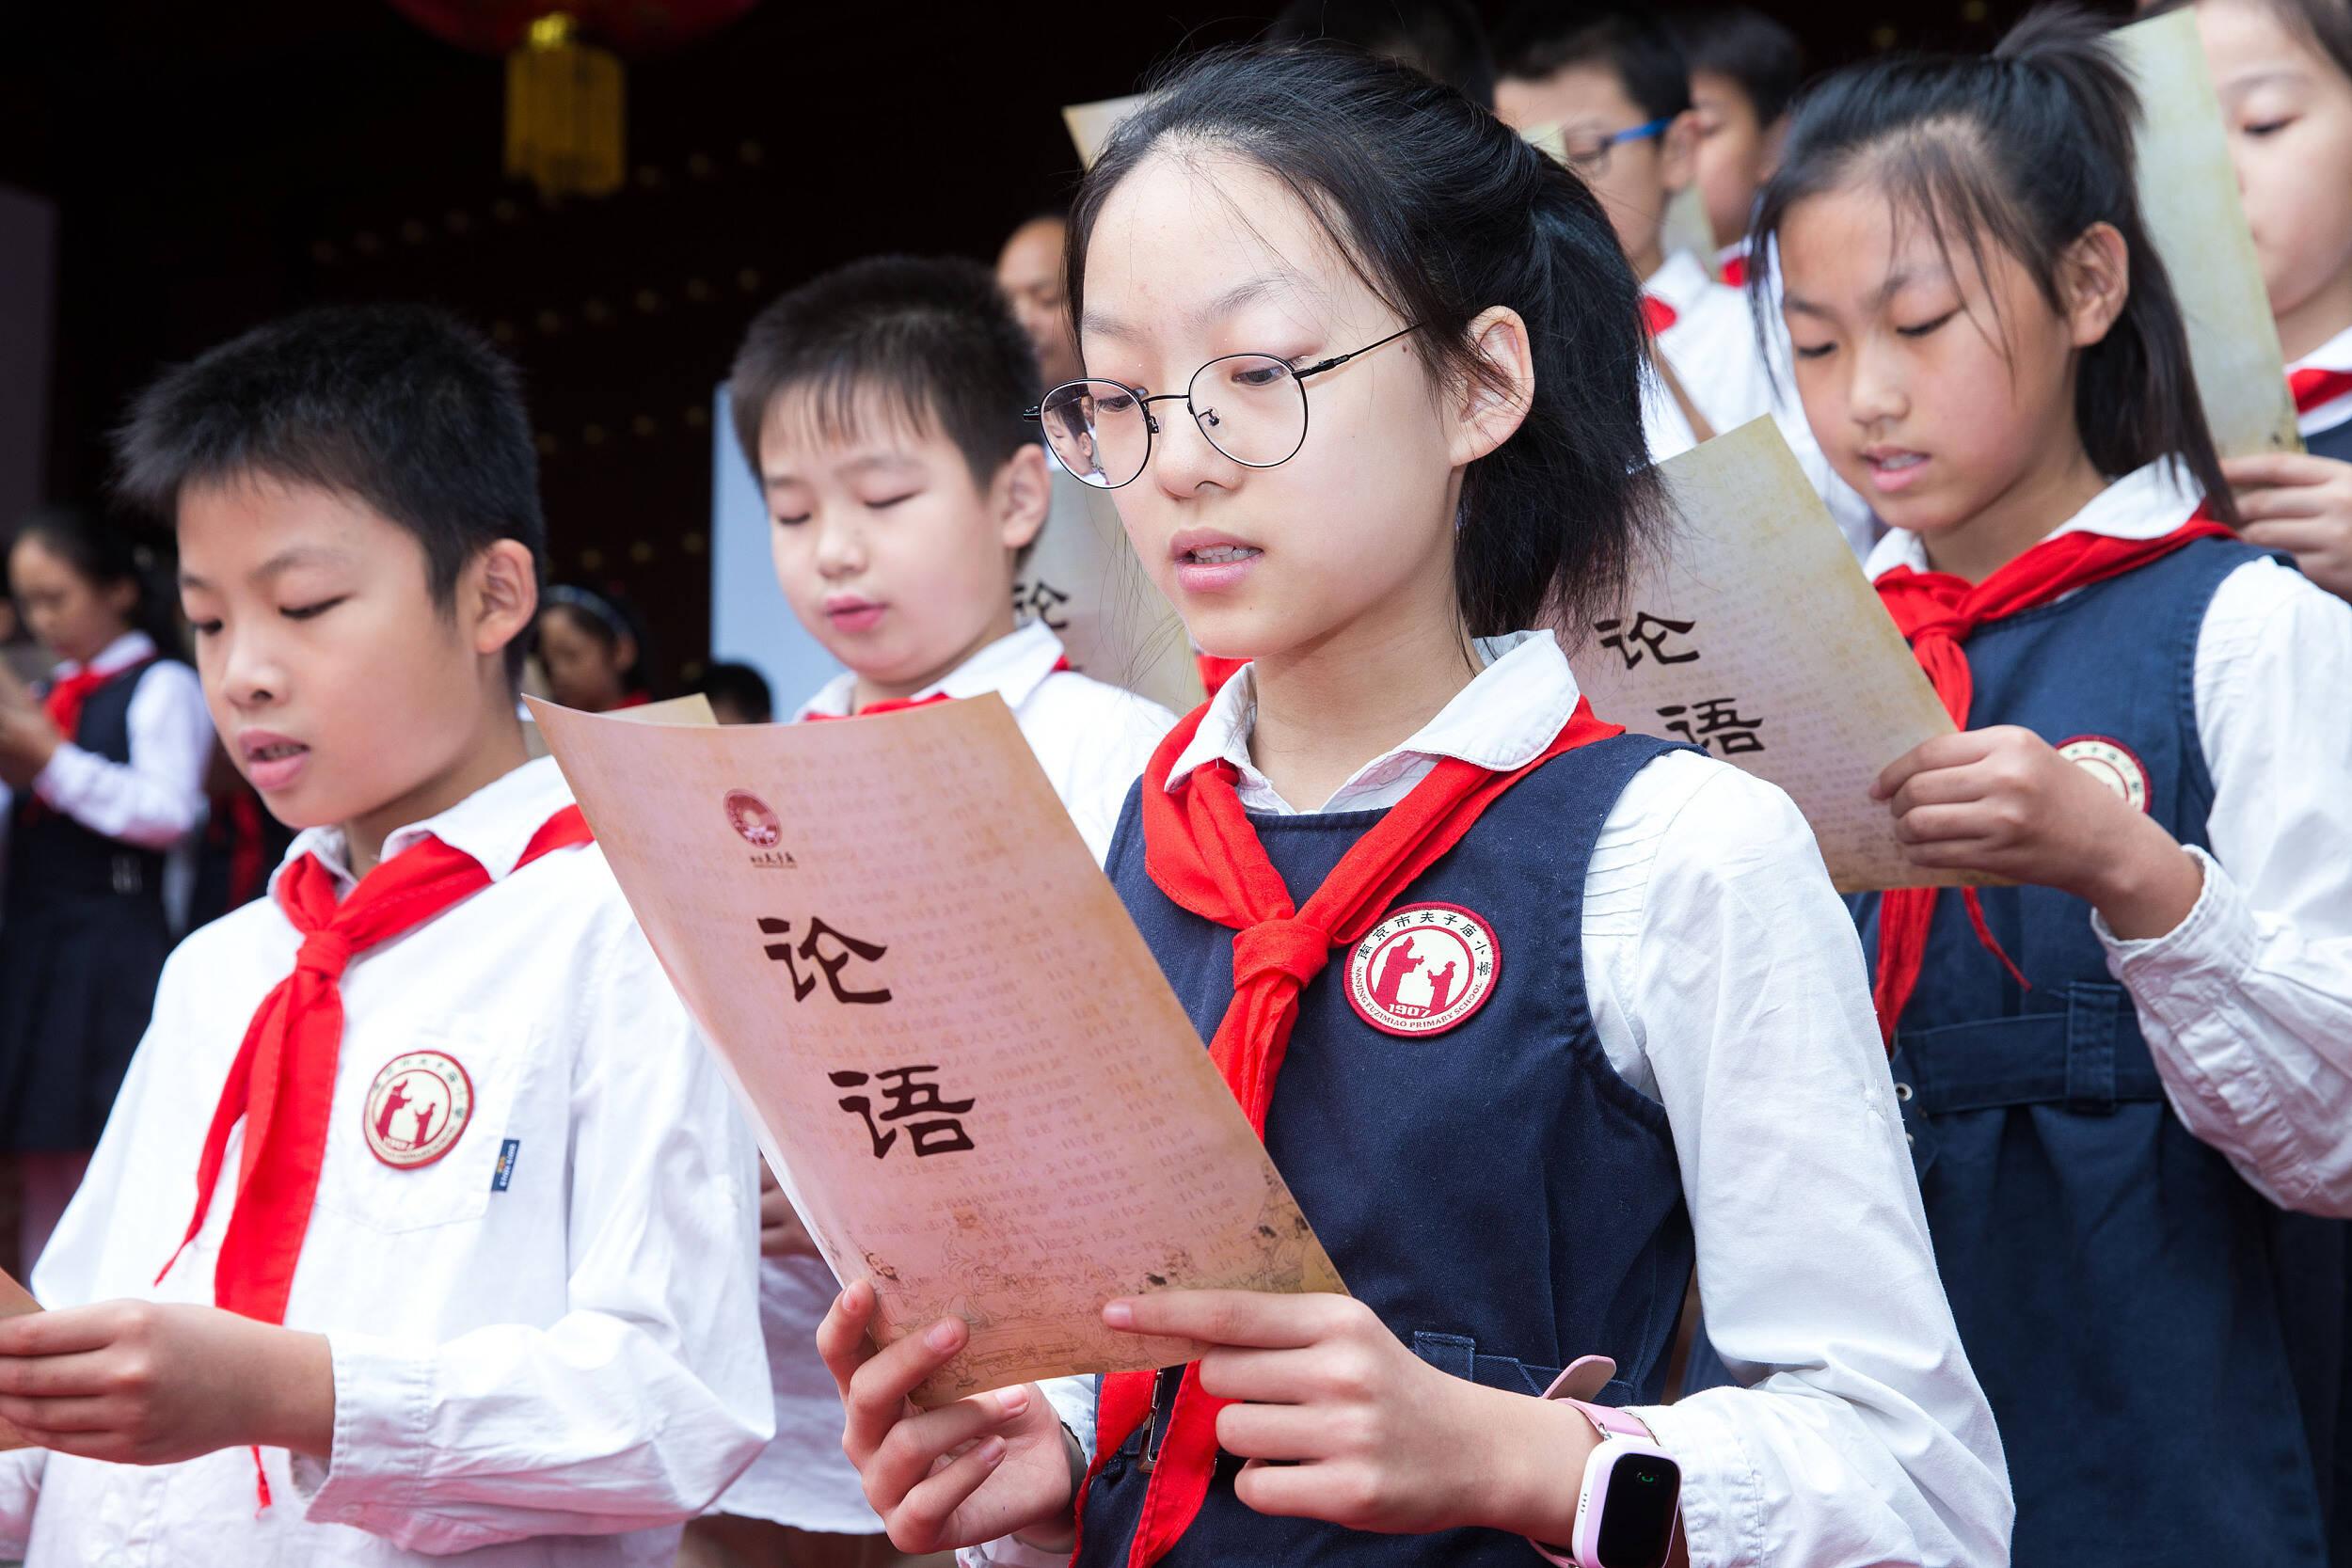 在与时偕行中讲好可信可爱可敬的中国故事|闪电评论